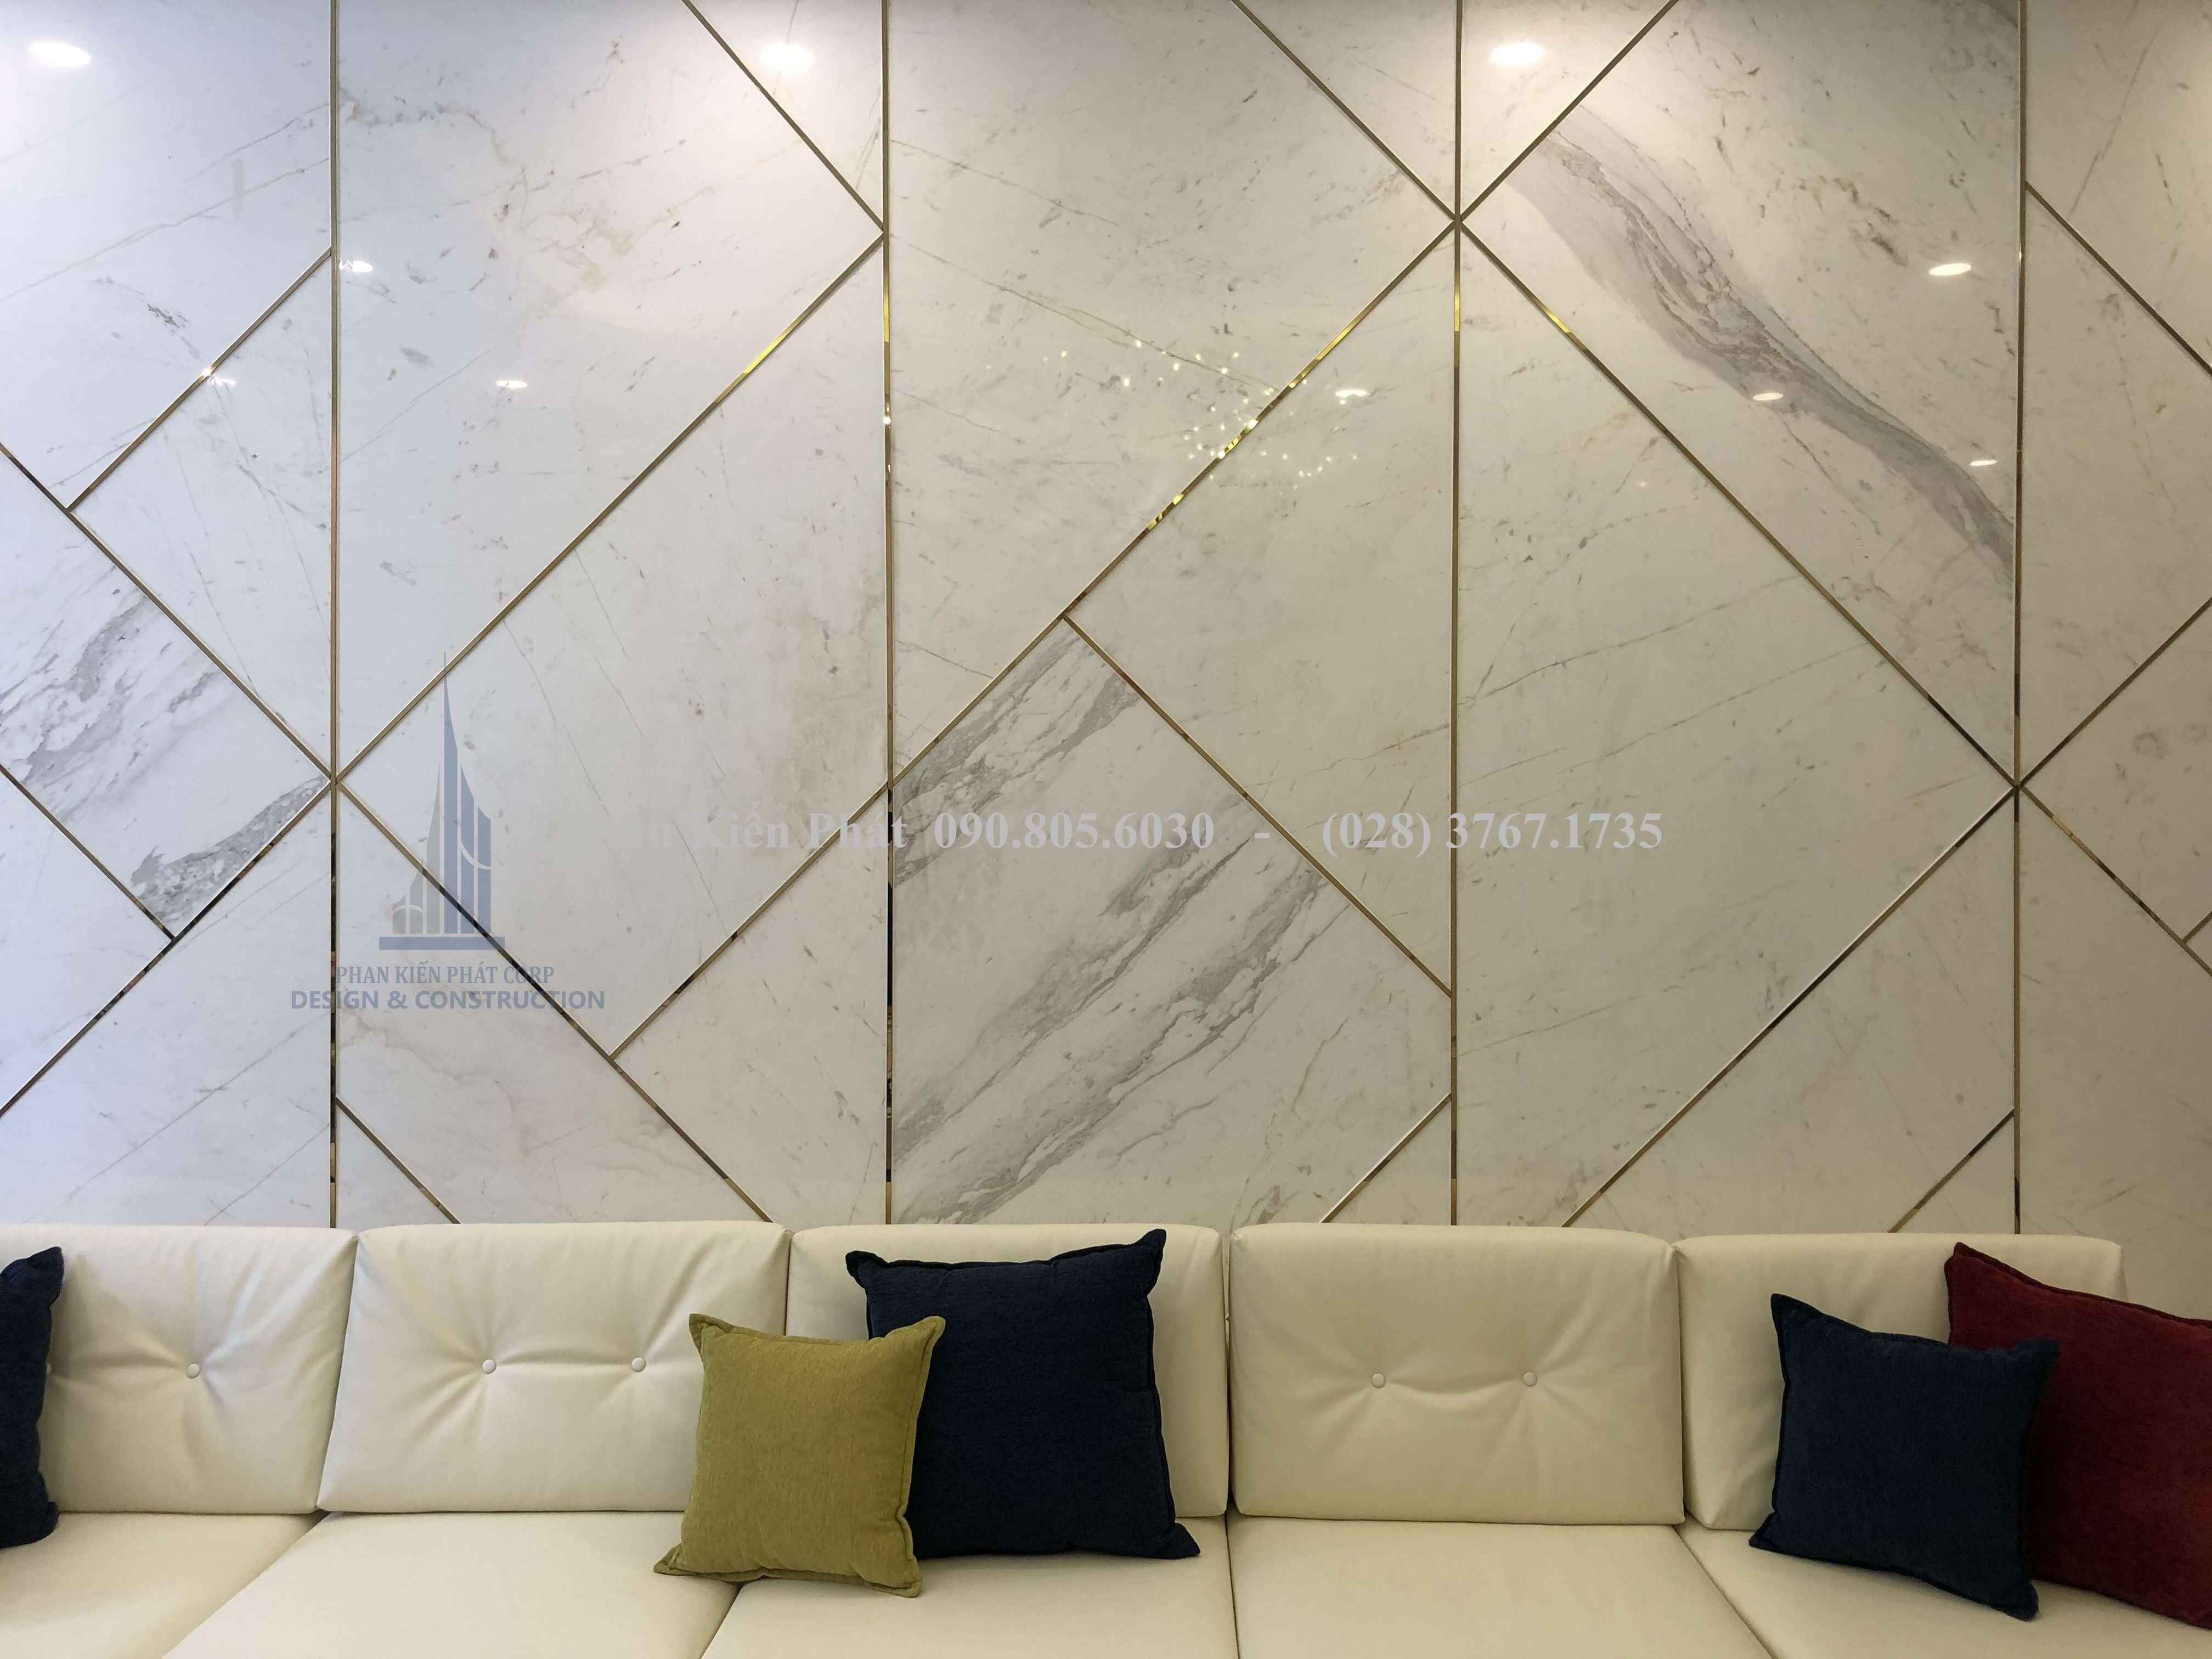 Tấm nhựa giả đá mang đến vẻ đẹp sang trọng cho không gian phòng khách